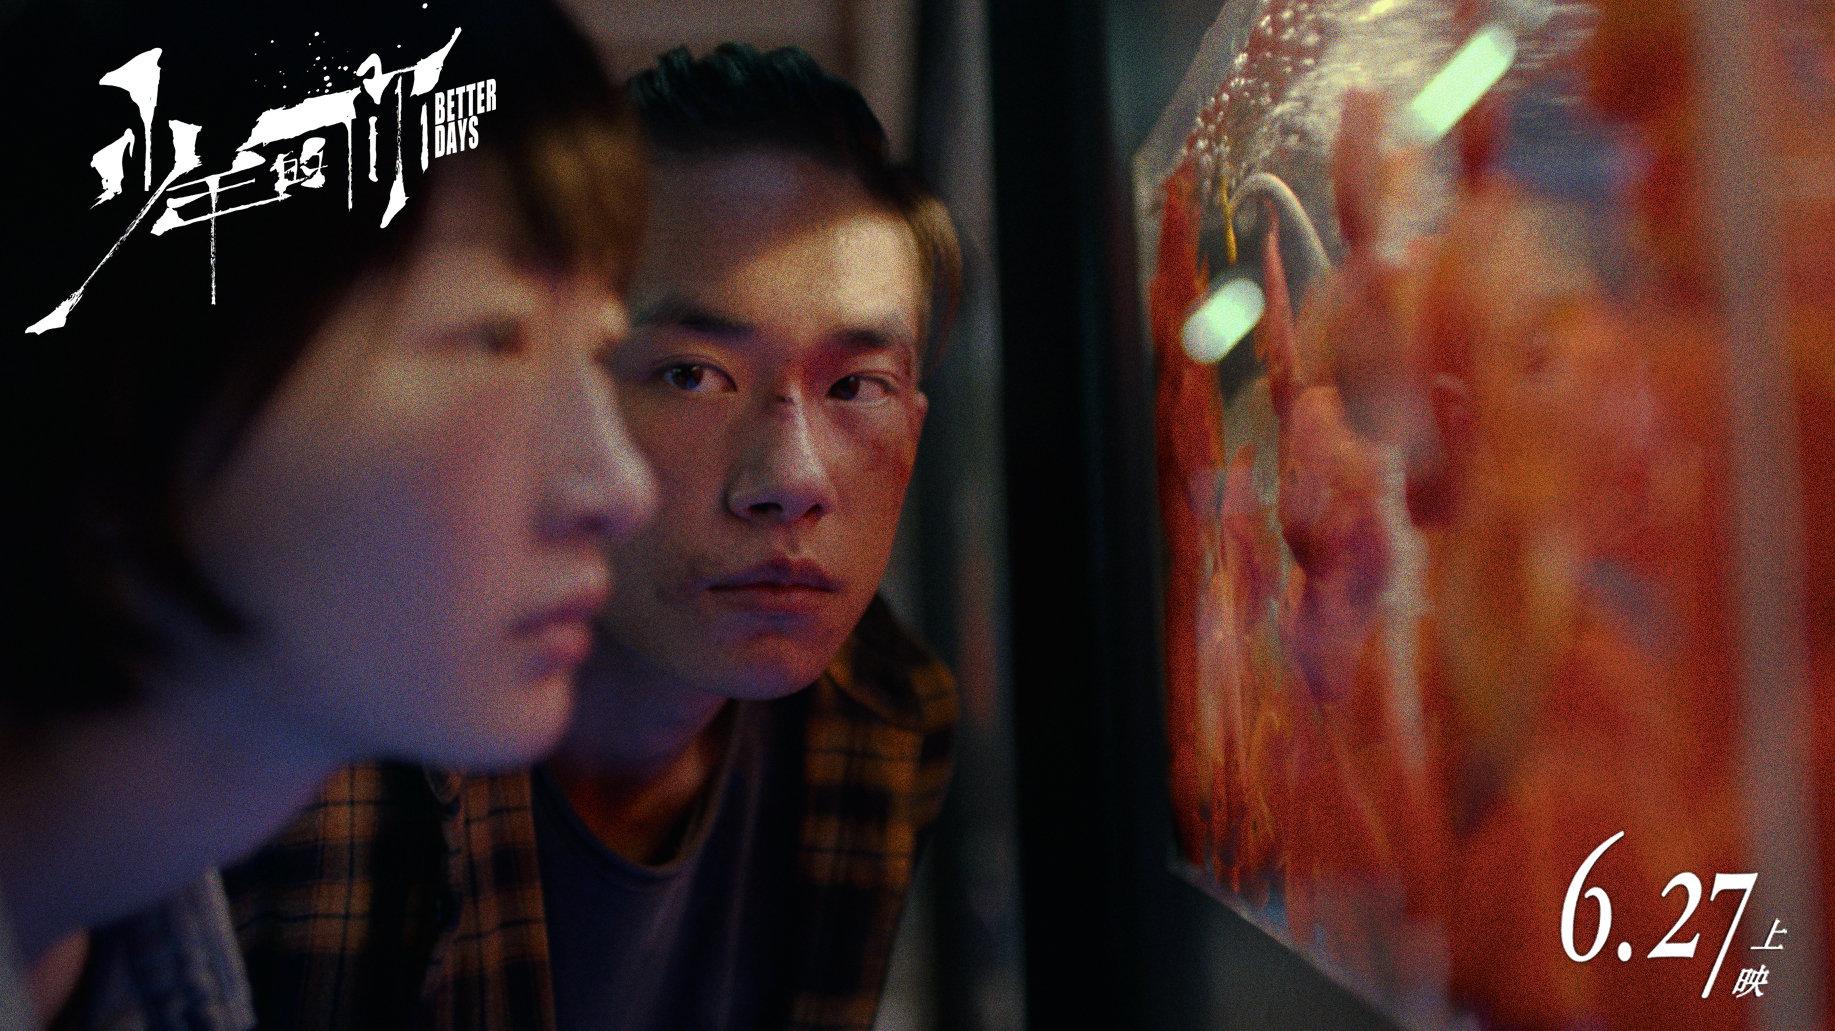 周冬雨,易烊千玺主演校园欺凌题材电影《少年的你》